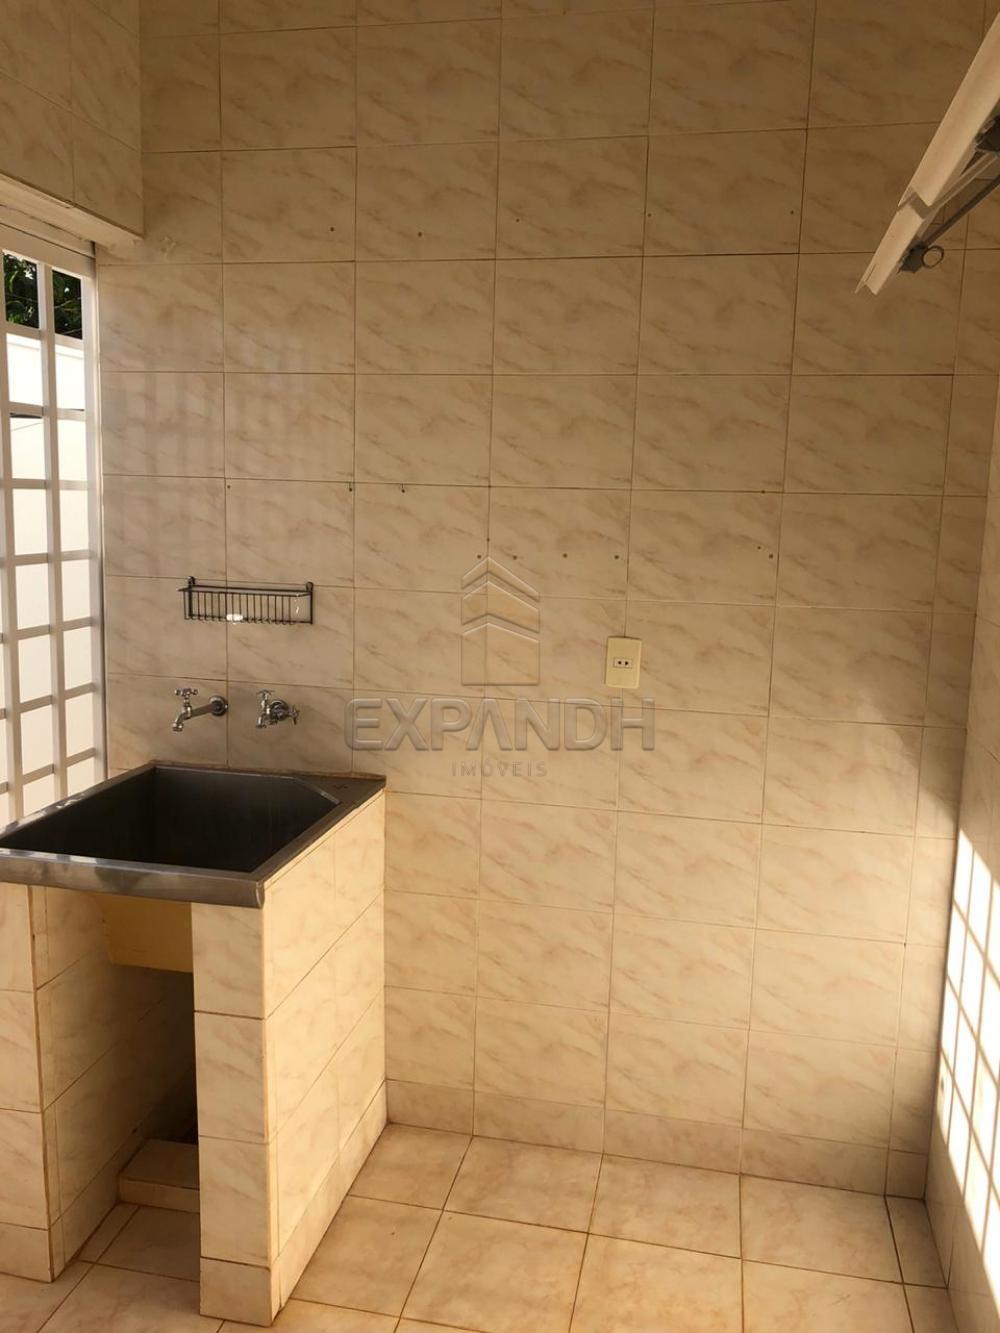 Alugar Casas / Padrão em Sertãozinho R$ 1.300,00 - Foto 23